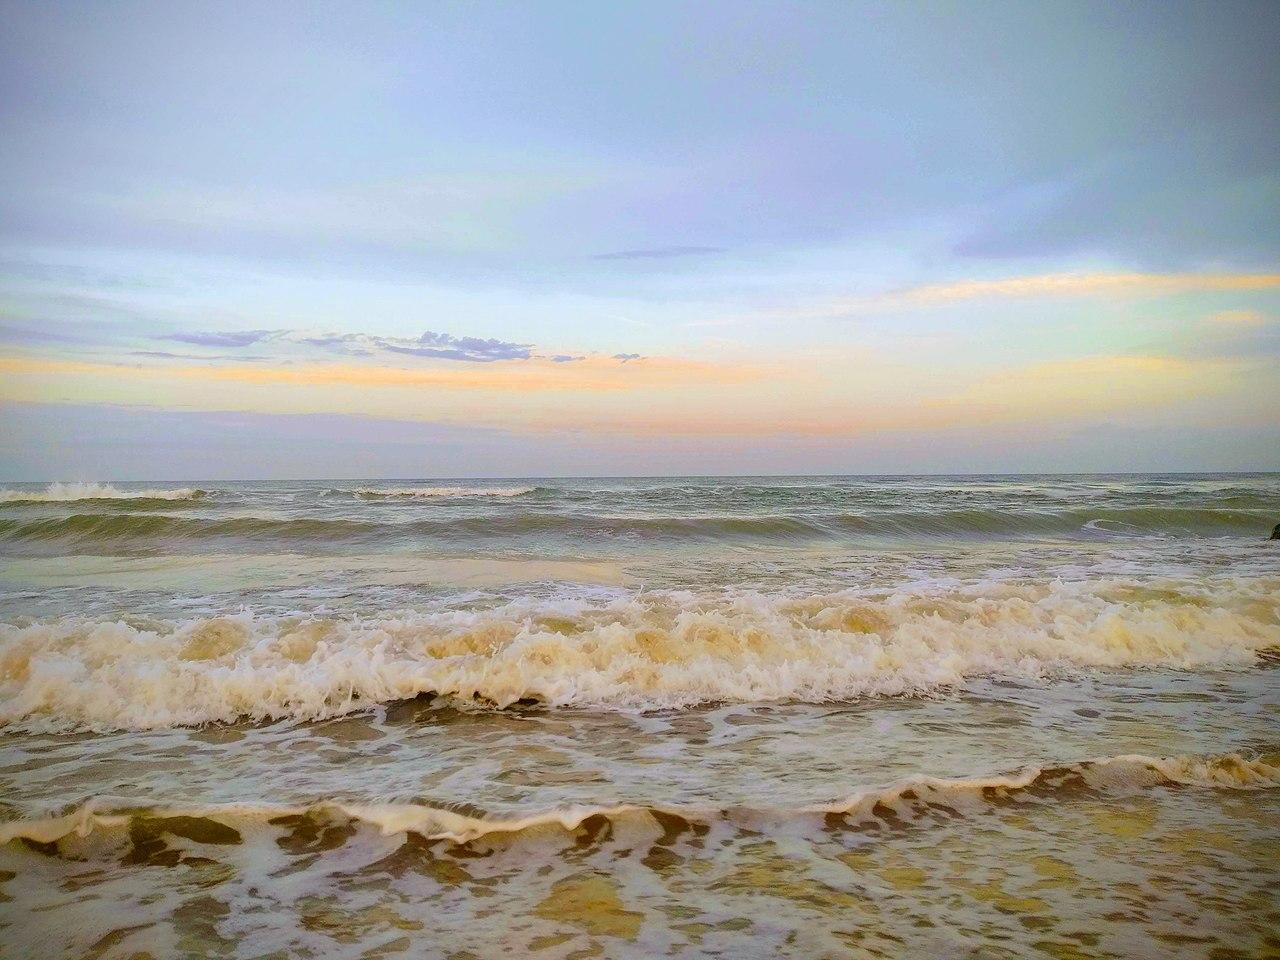 Узбережжя Чорного моря в селі Кароліно-Бугаз